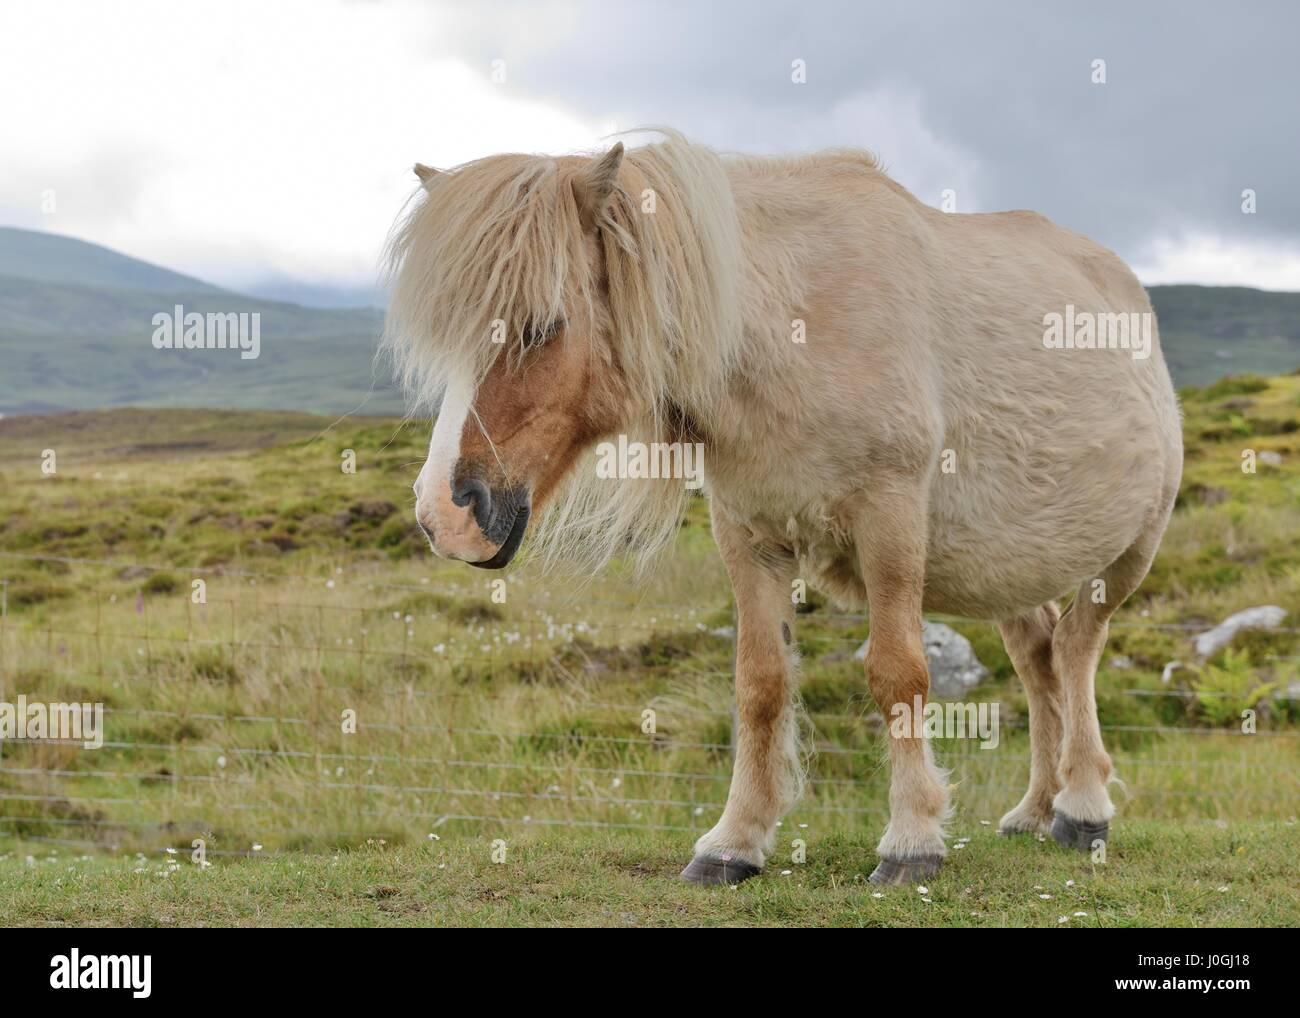 Wild Eriskay pony (Equus ferus caballus) on South Uist, Outer Hebrides, Scotland, UK - Stock Image